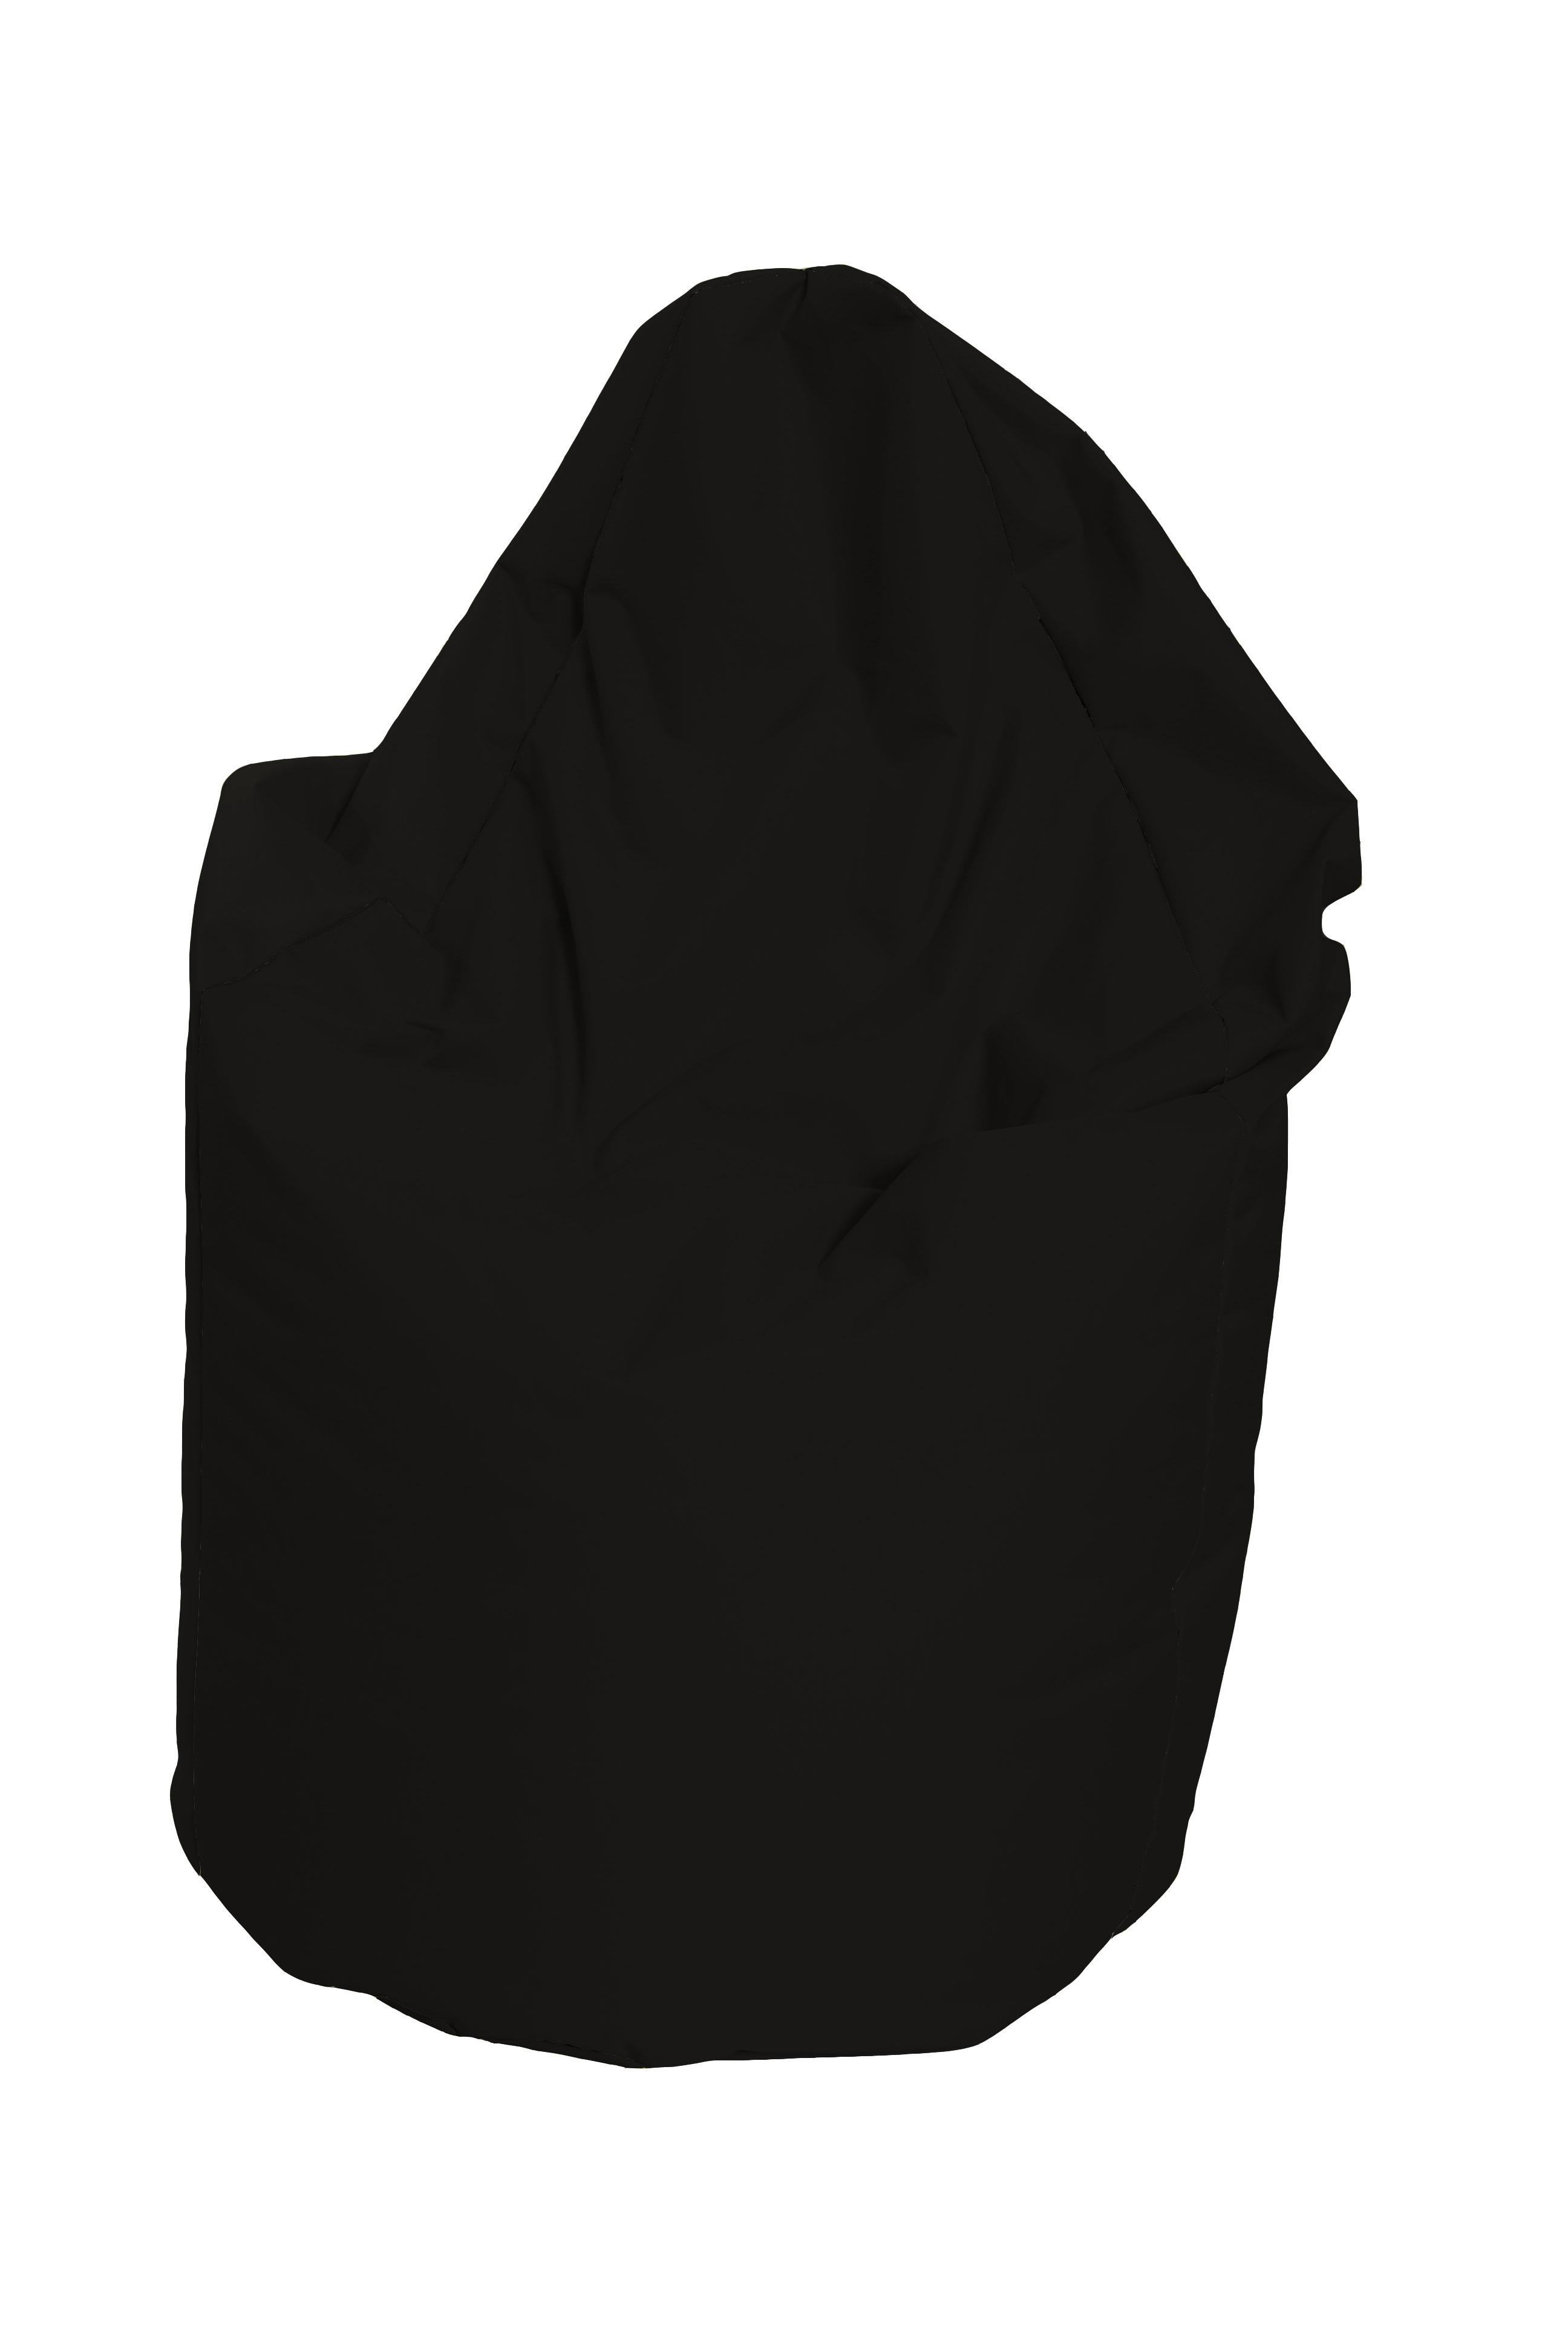 M&M sedací vak hruška Mega s vnitřním obalem 140x80cm černá (černá 80019)